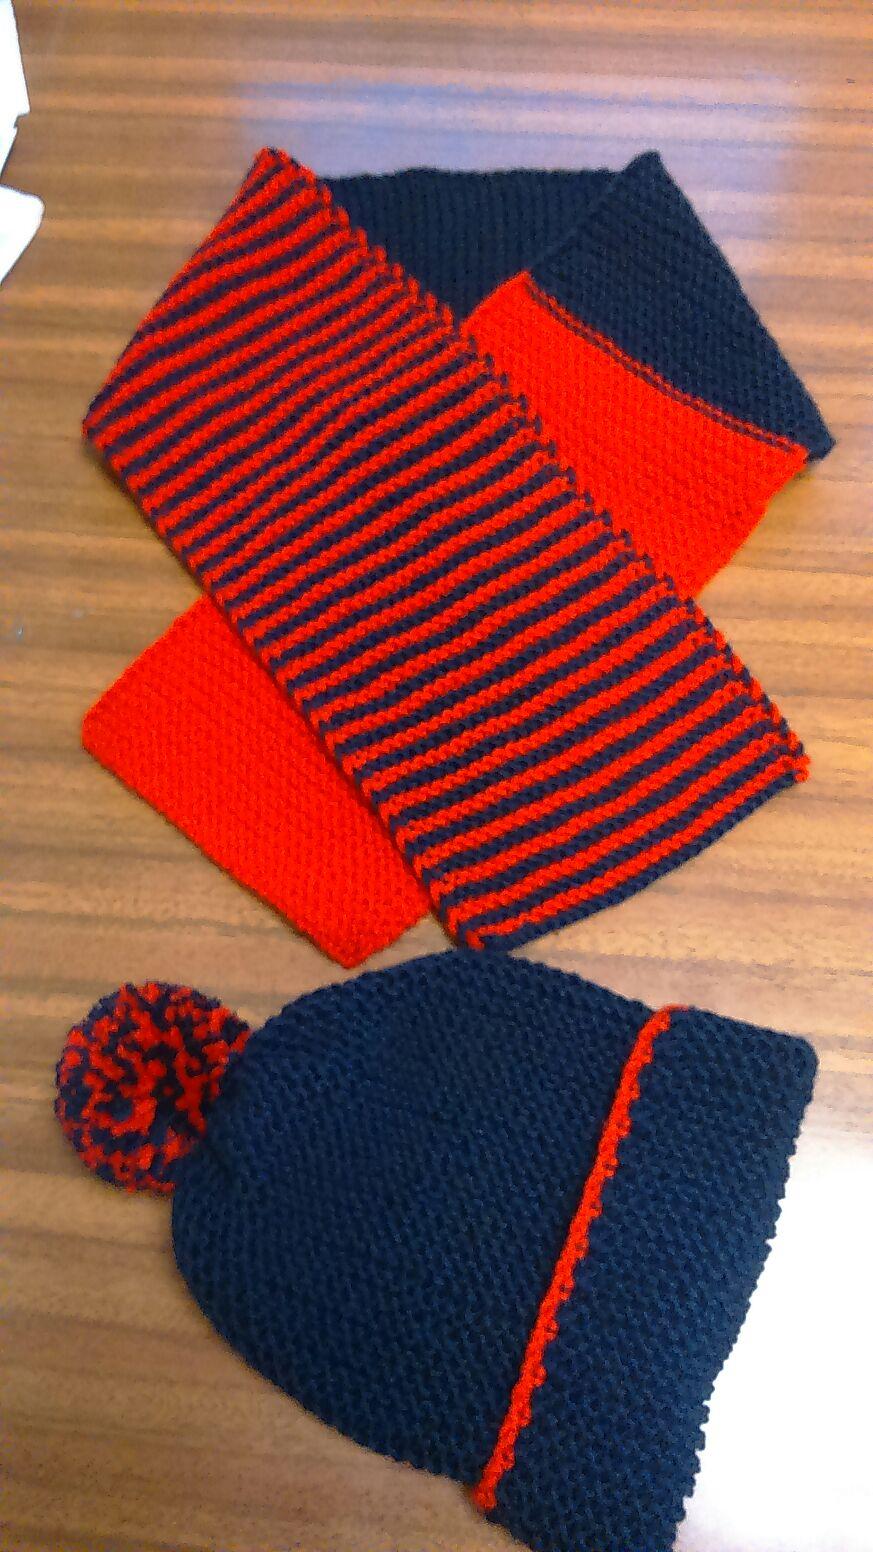 scegli il più recente più nuovo di vendita caldo 60% economico Cappellino con sciarpa per bambino